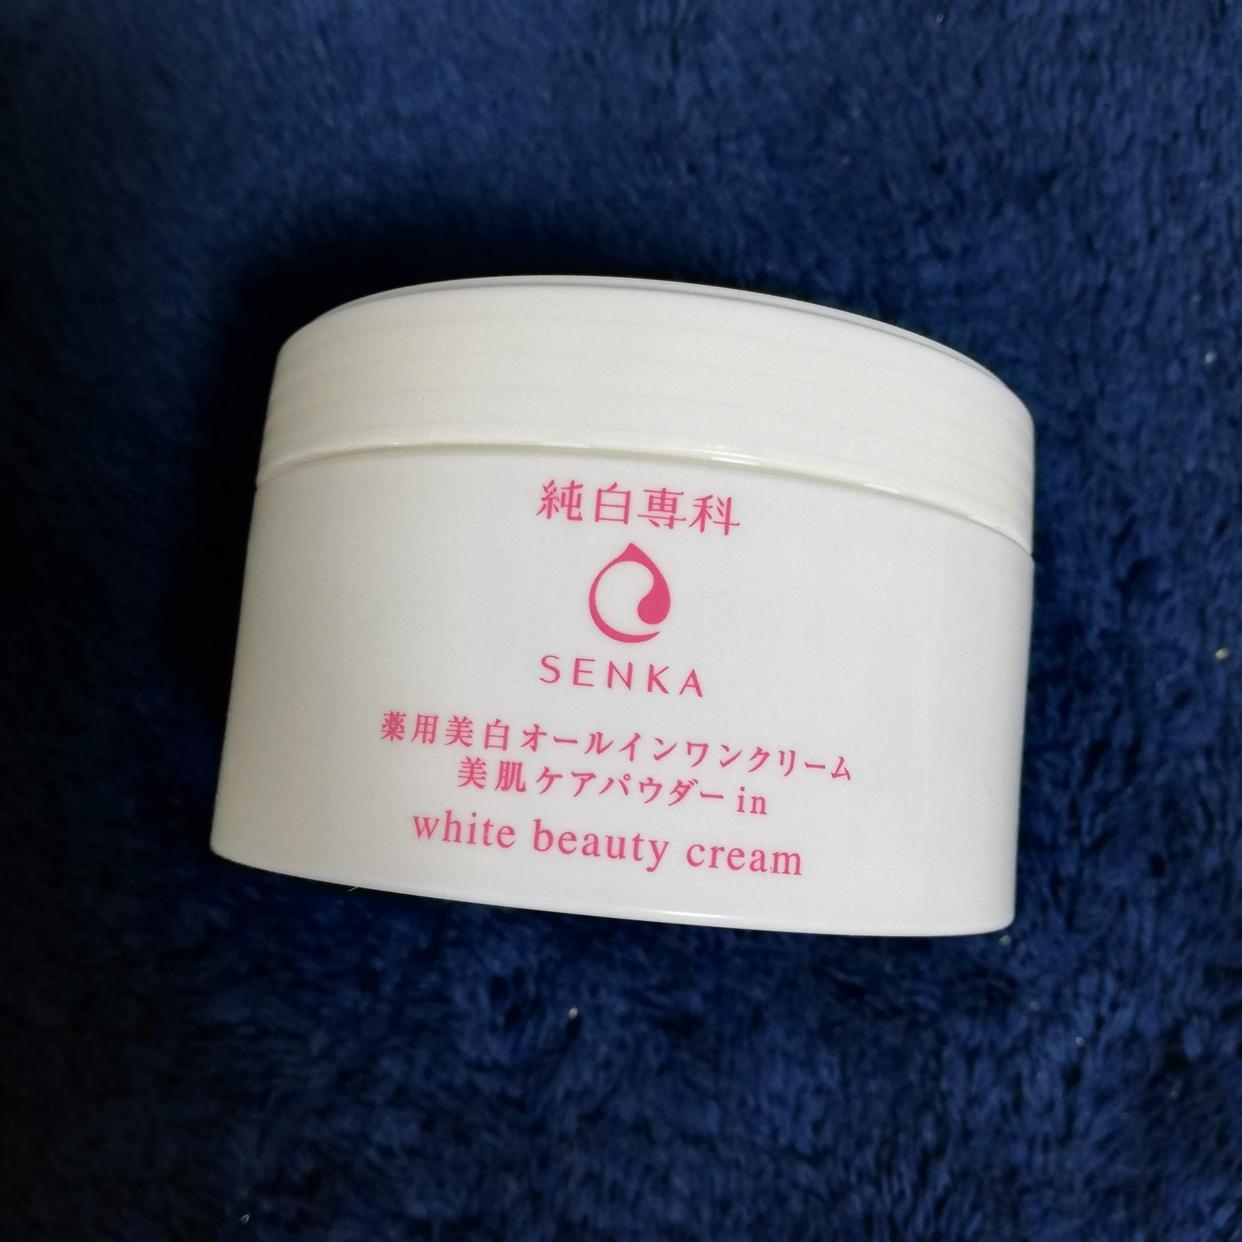 専科(SENKA) 純白専科 すっぴん純白クリームの良い点・メリットに関するりか✨さんの口コミ画像1